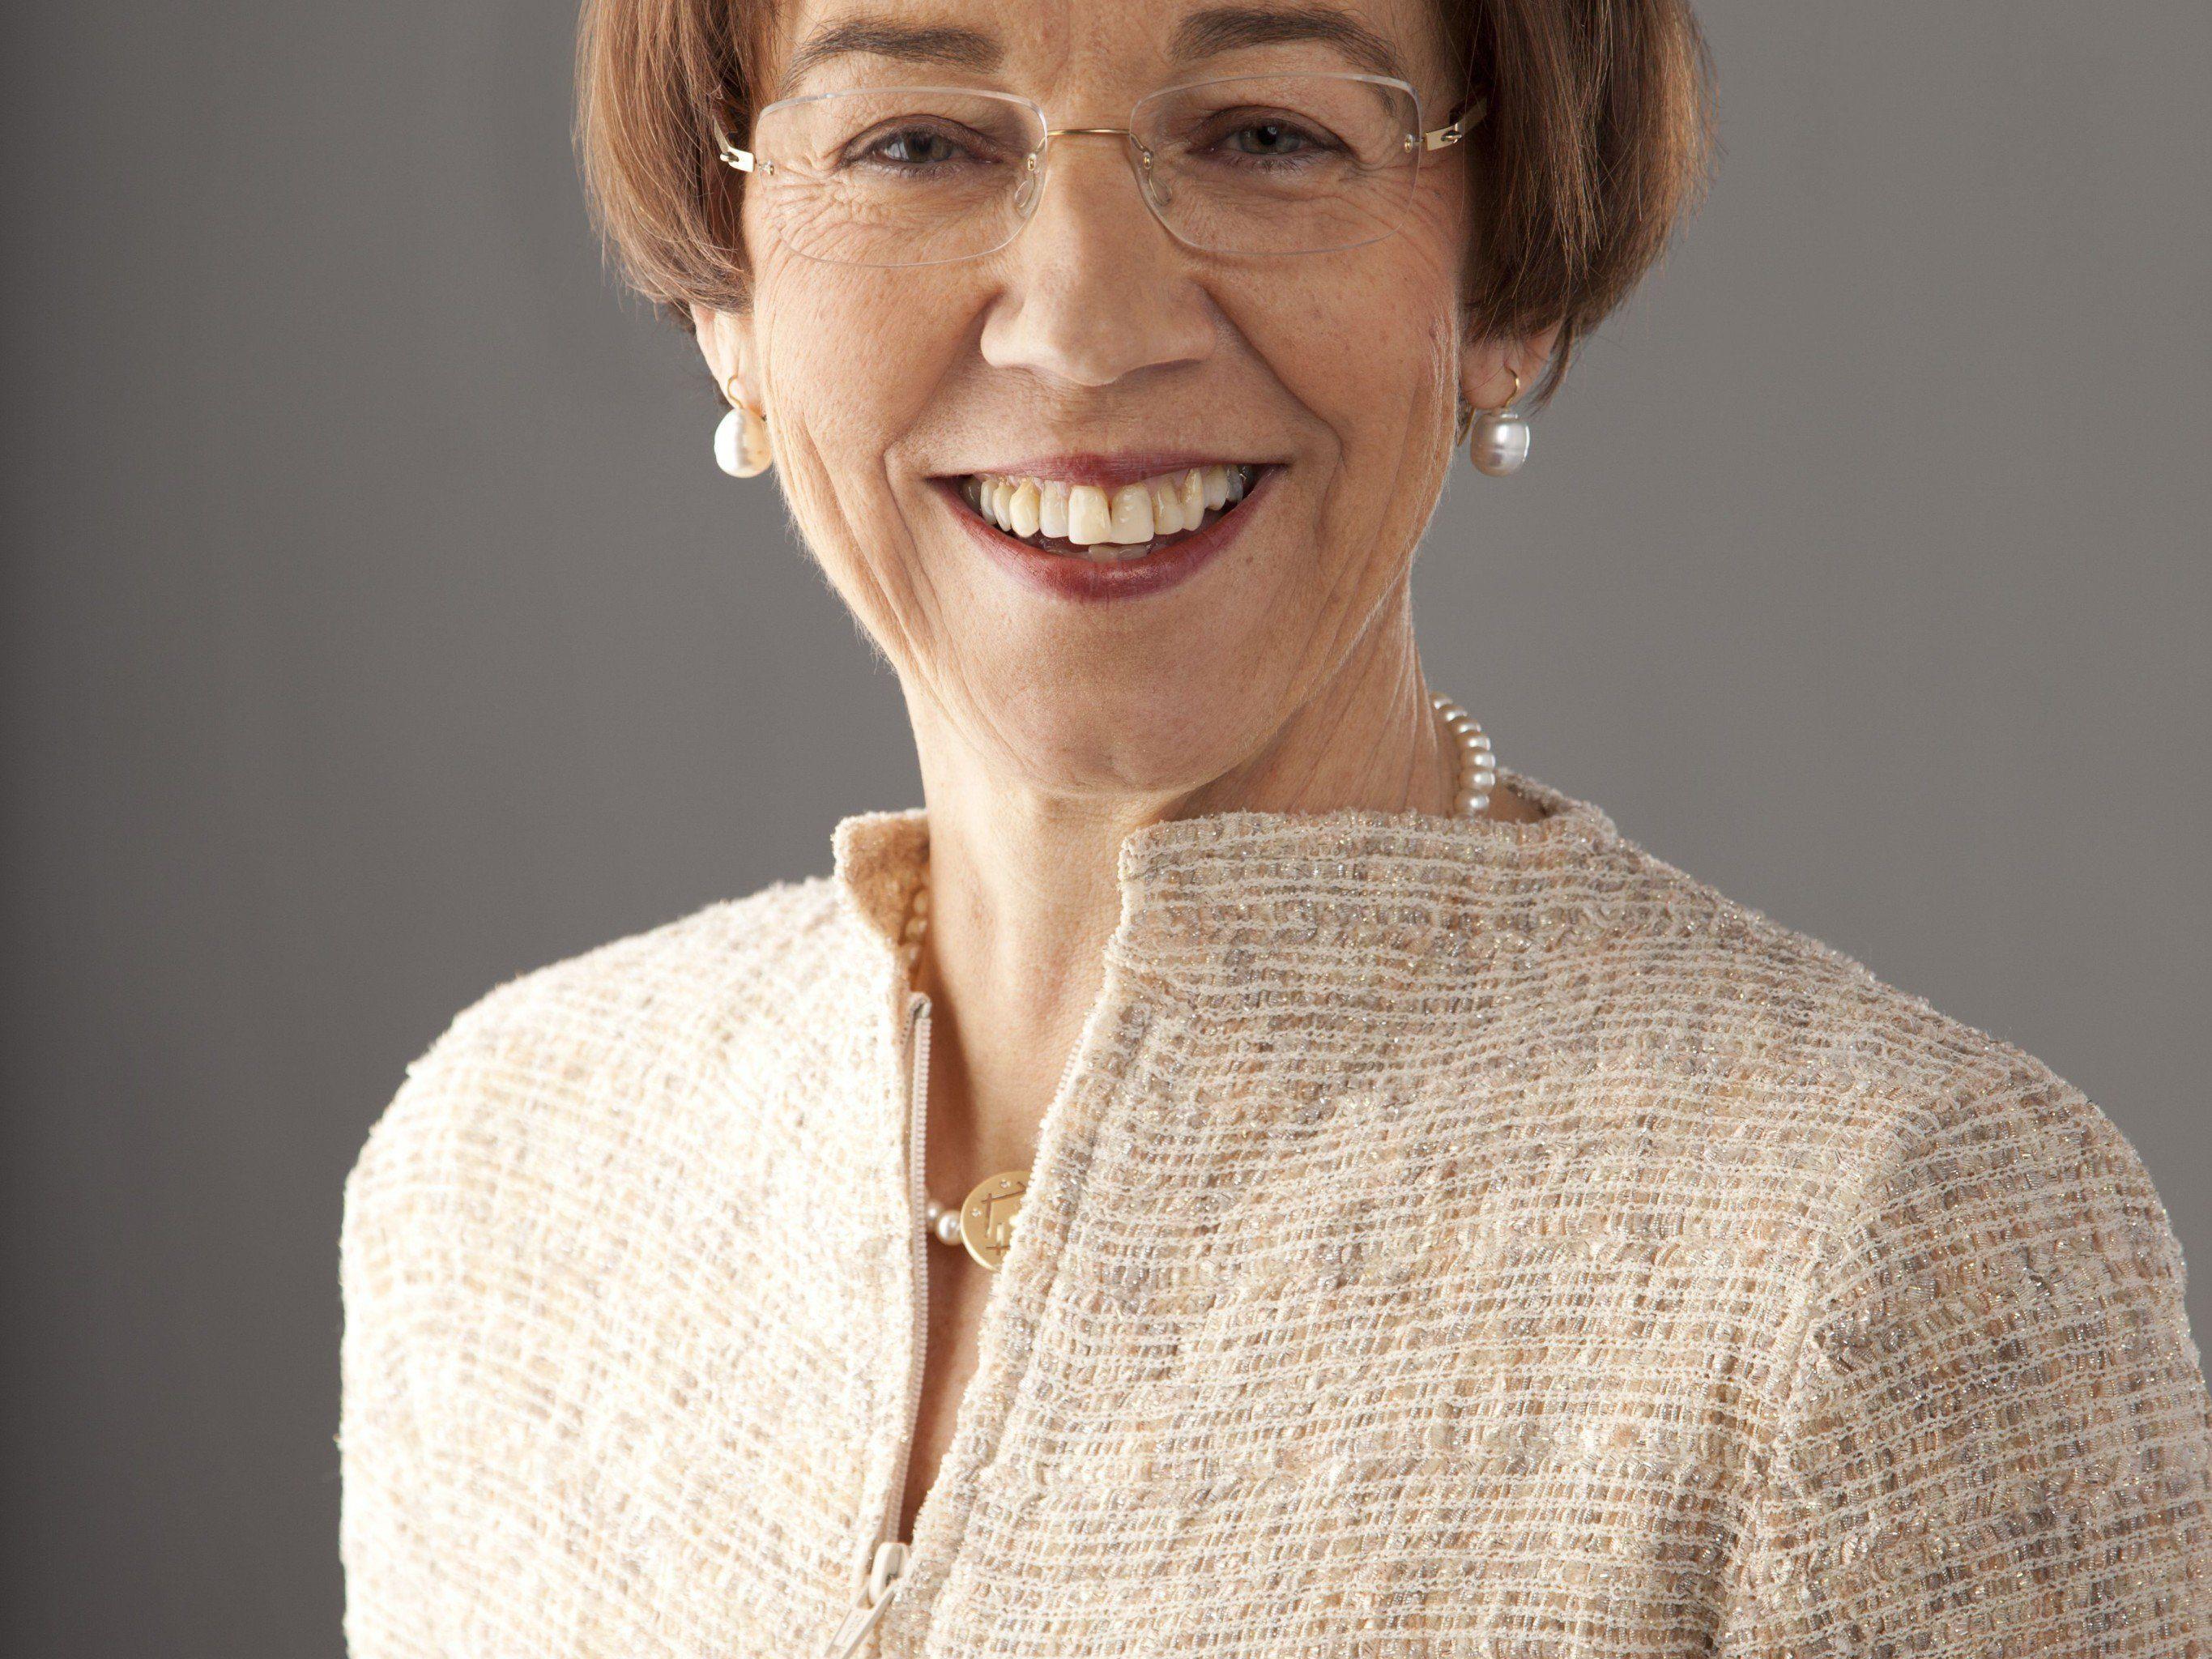 Eva Maria Waibel behandelt in ihrem Buch das Thema Existenzielle Pädagogik.